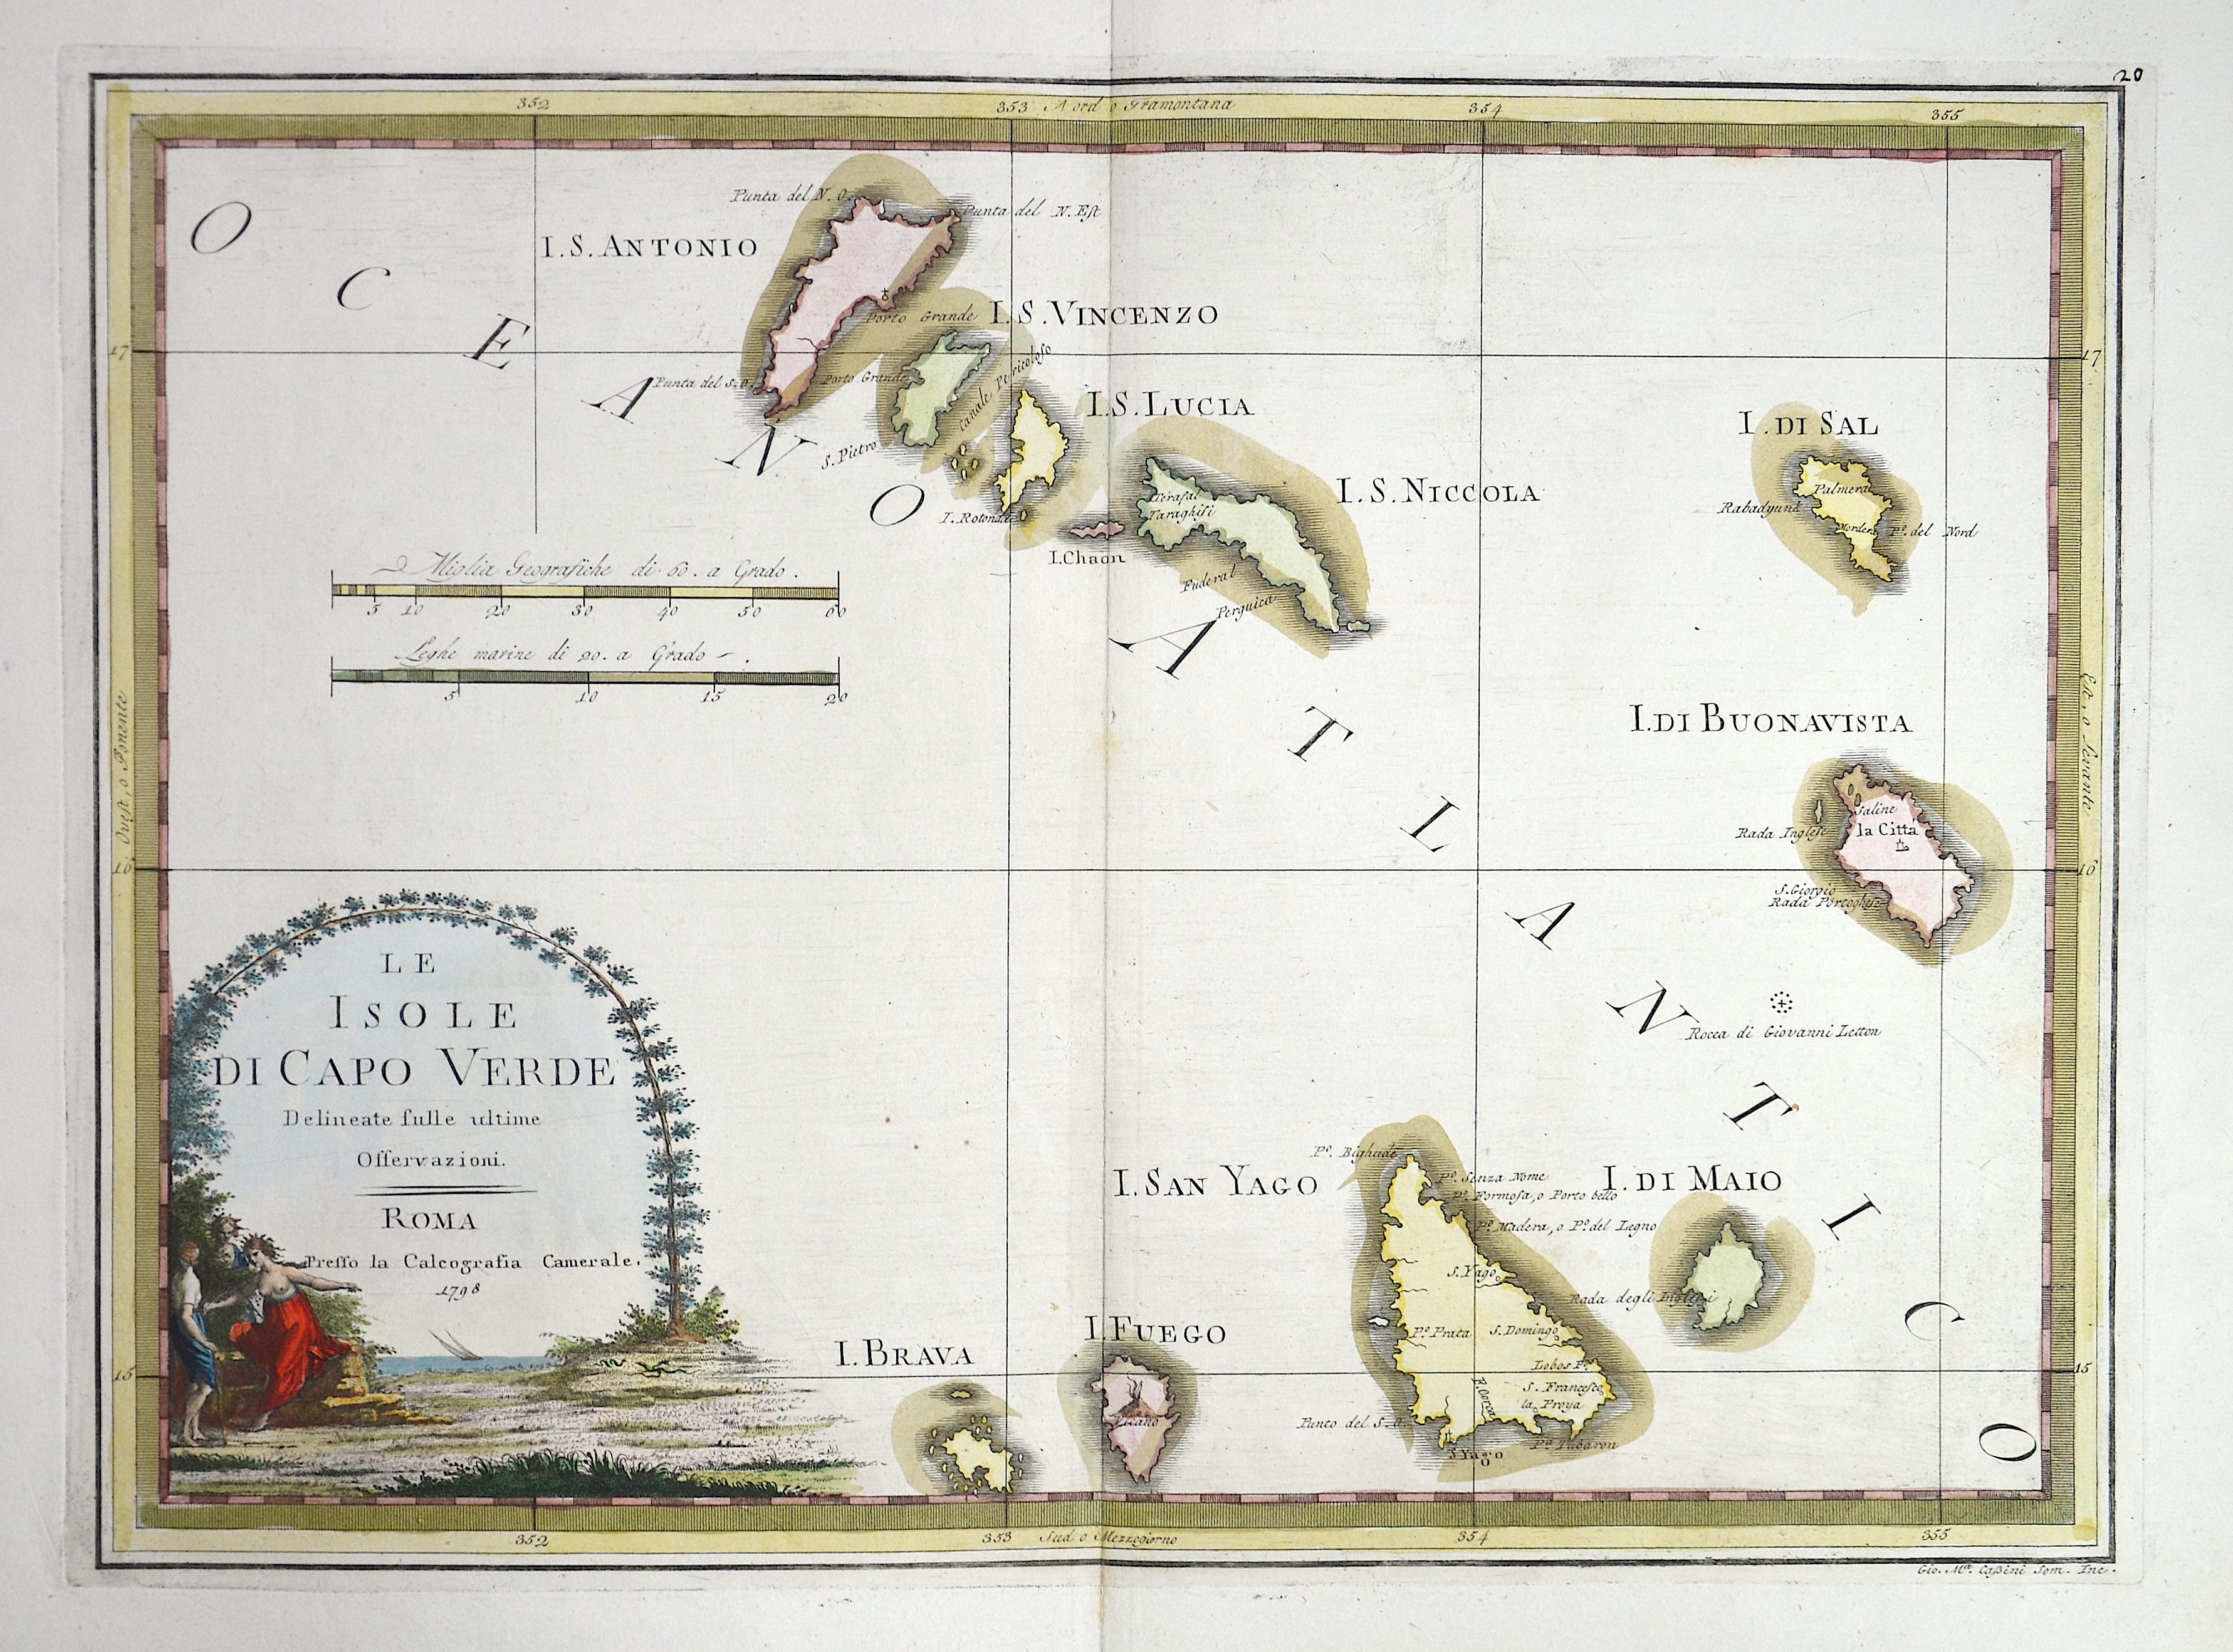 Cassini  Le Isole di Capo Verde Delineate fulle ultime Offervaziono.